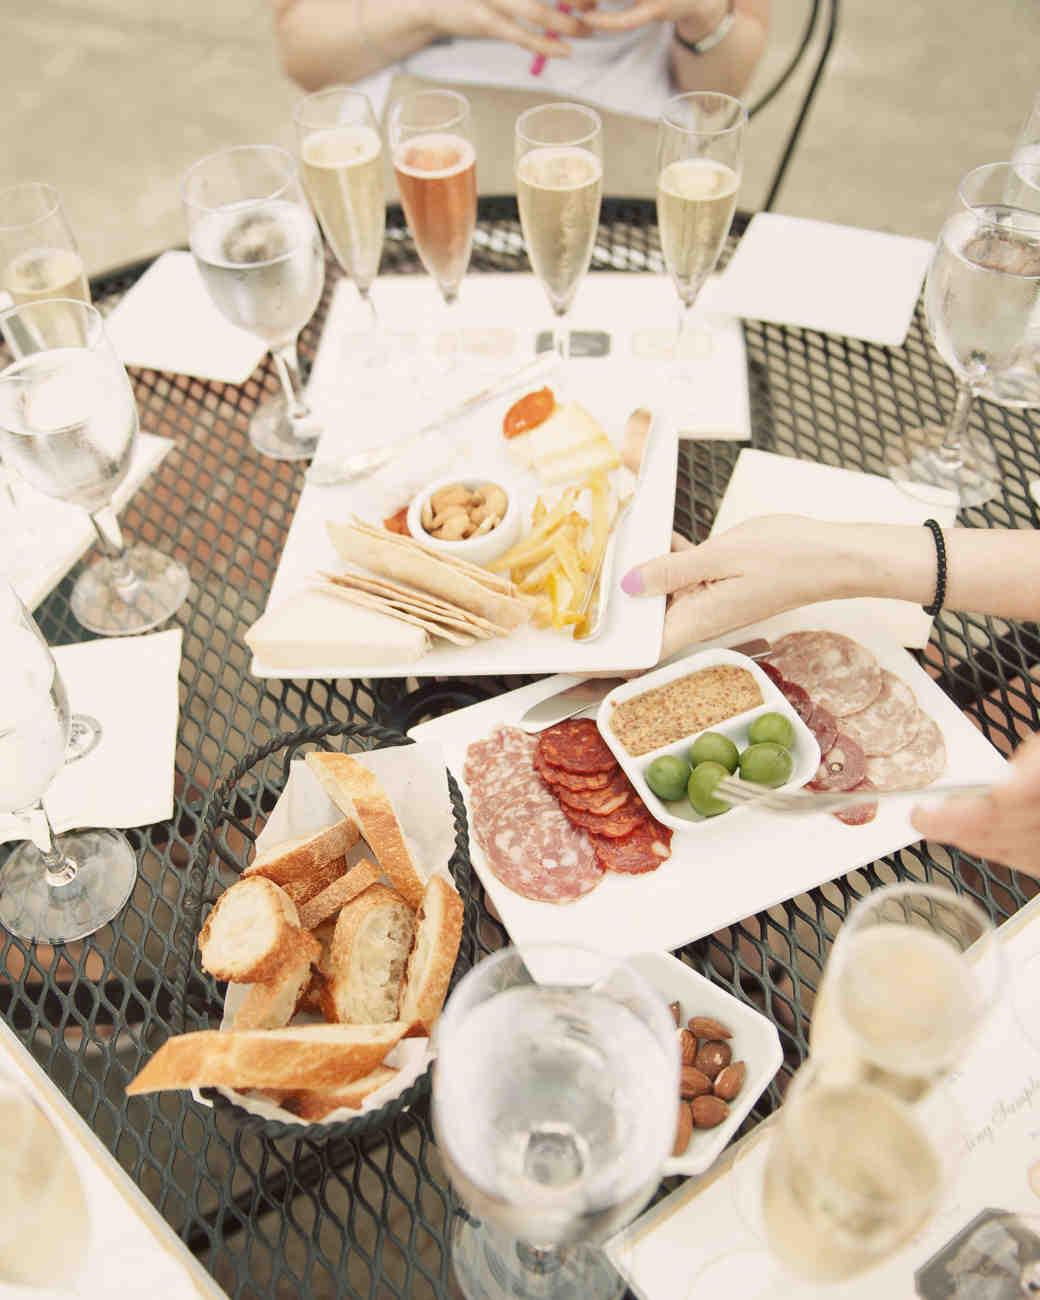 eatsleepwear-napa-valley-bachelorette-party-food-0415.jpg